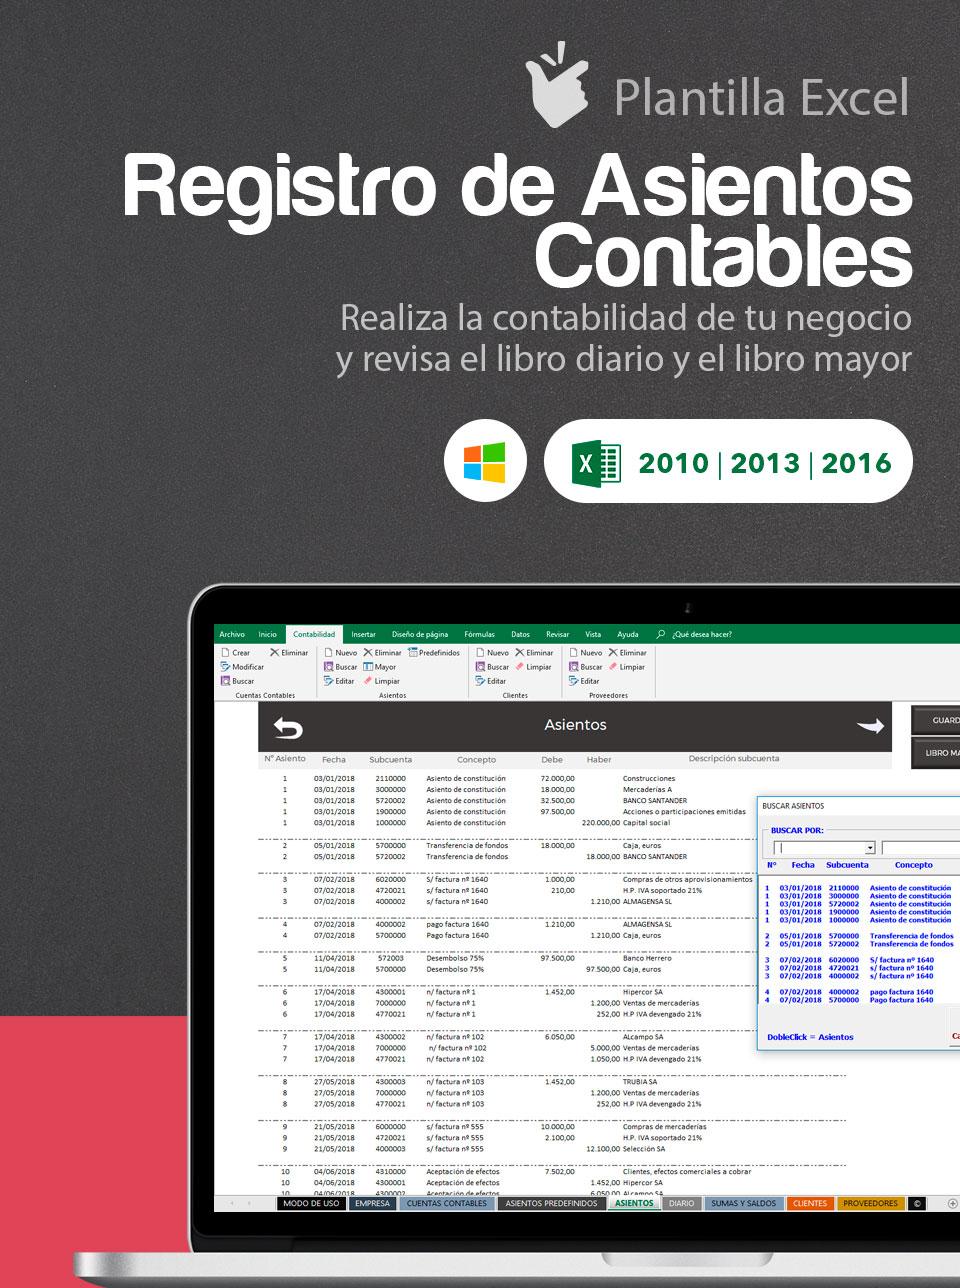 Plantilla Excel asientos contables